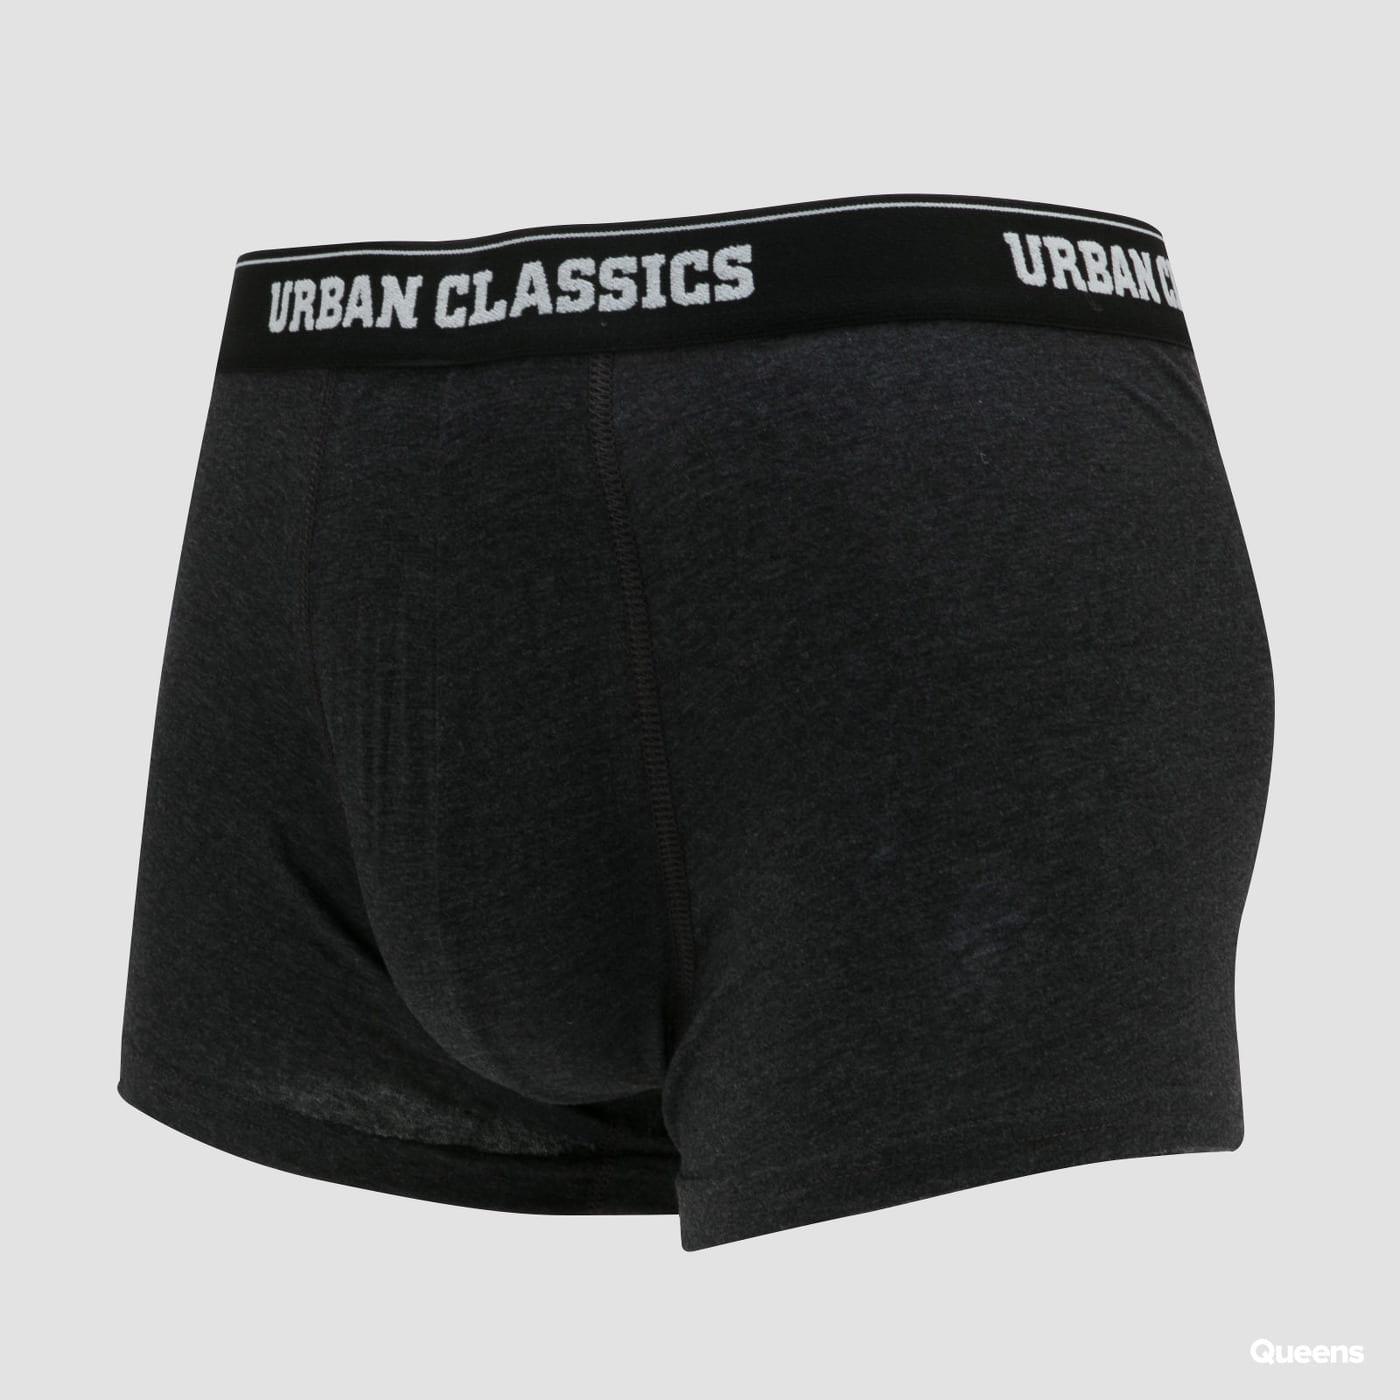 Urban Classics Boxer Shorts 5-Pack černé / bílé / tmavě šedé / tmavě zelené